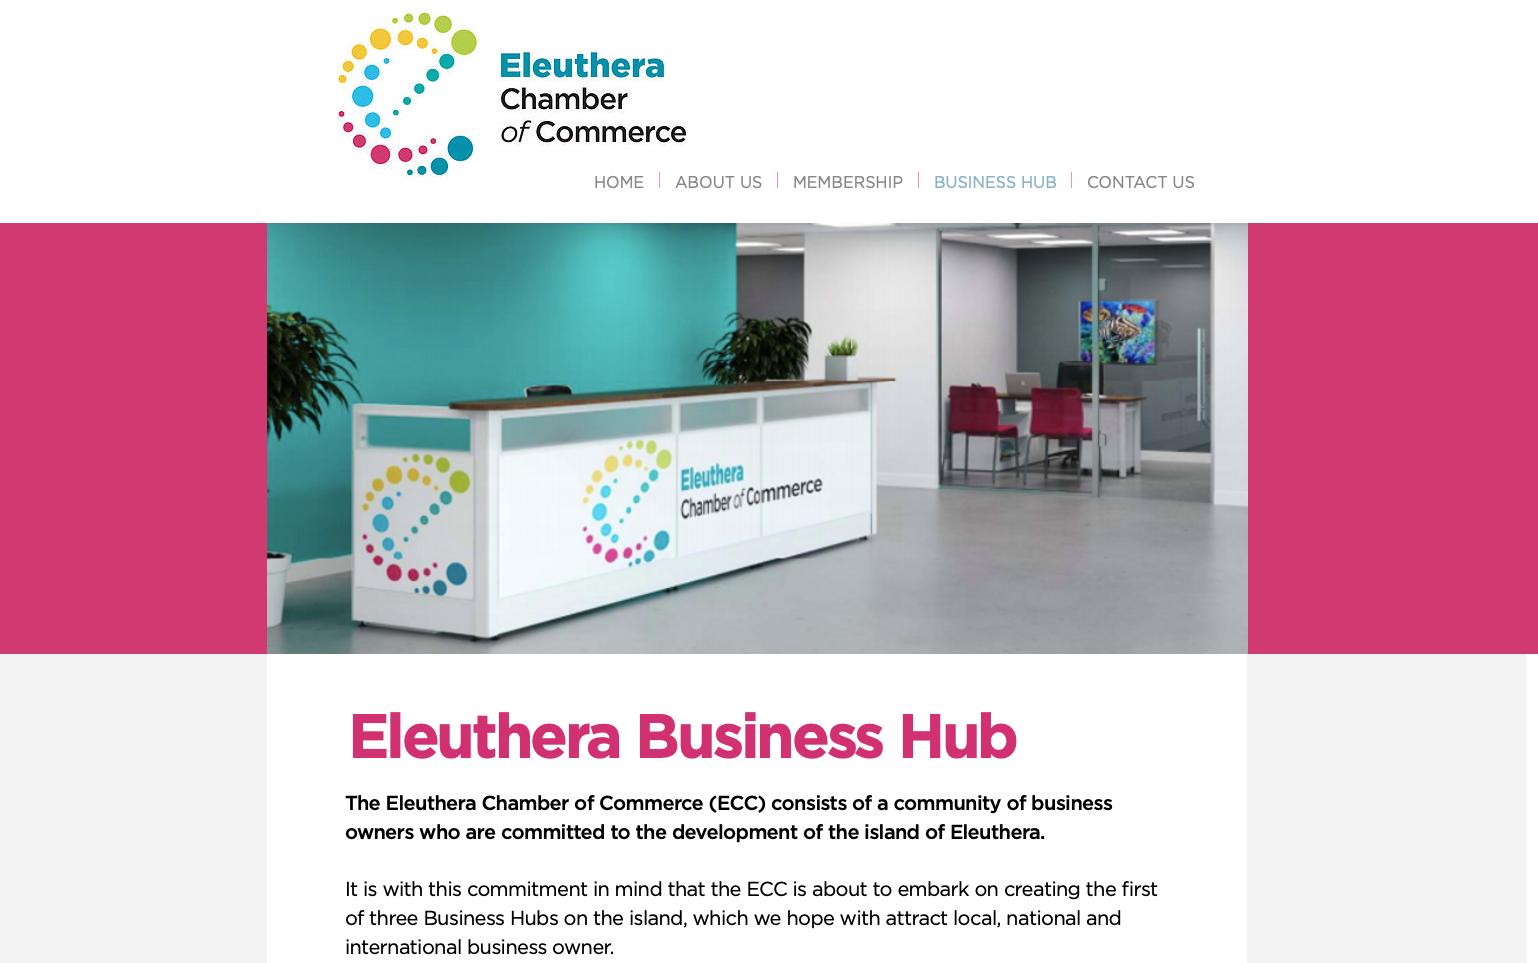 Eleuthera Business Hub